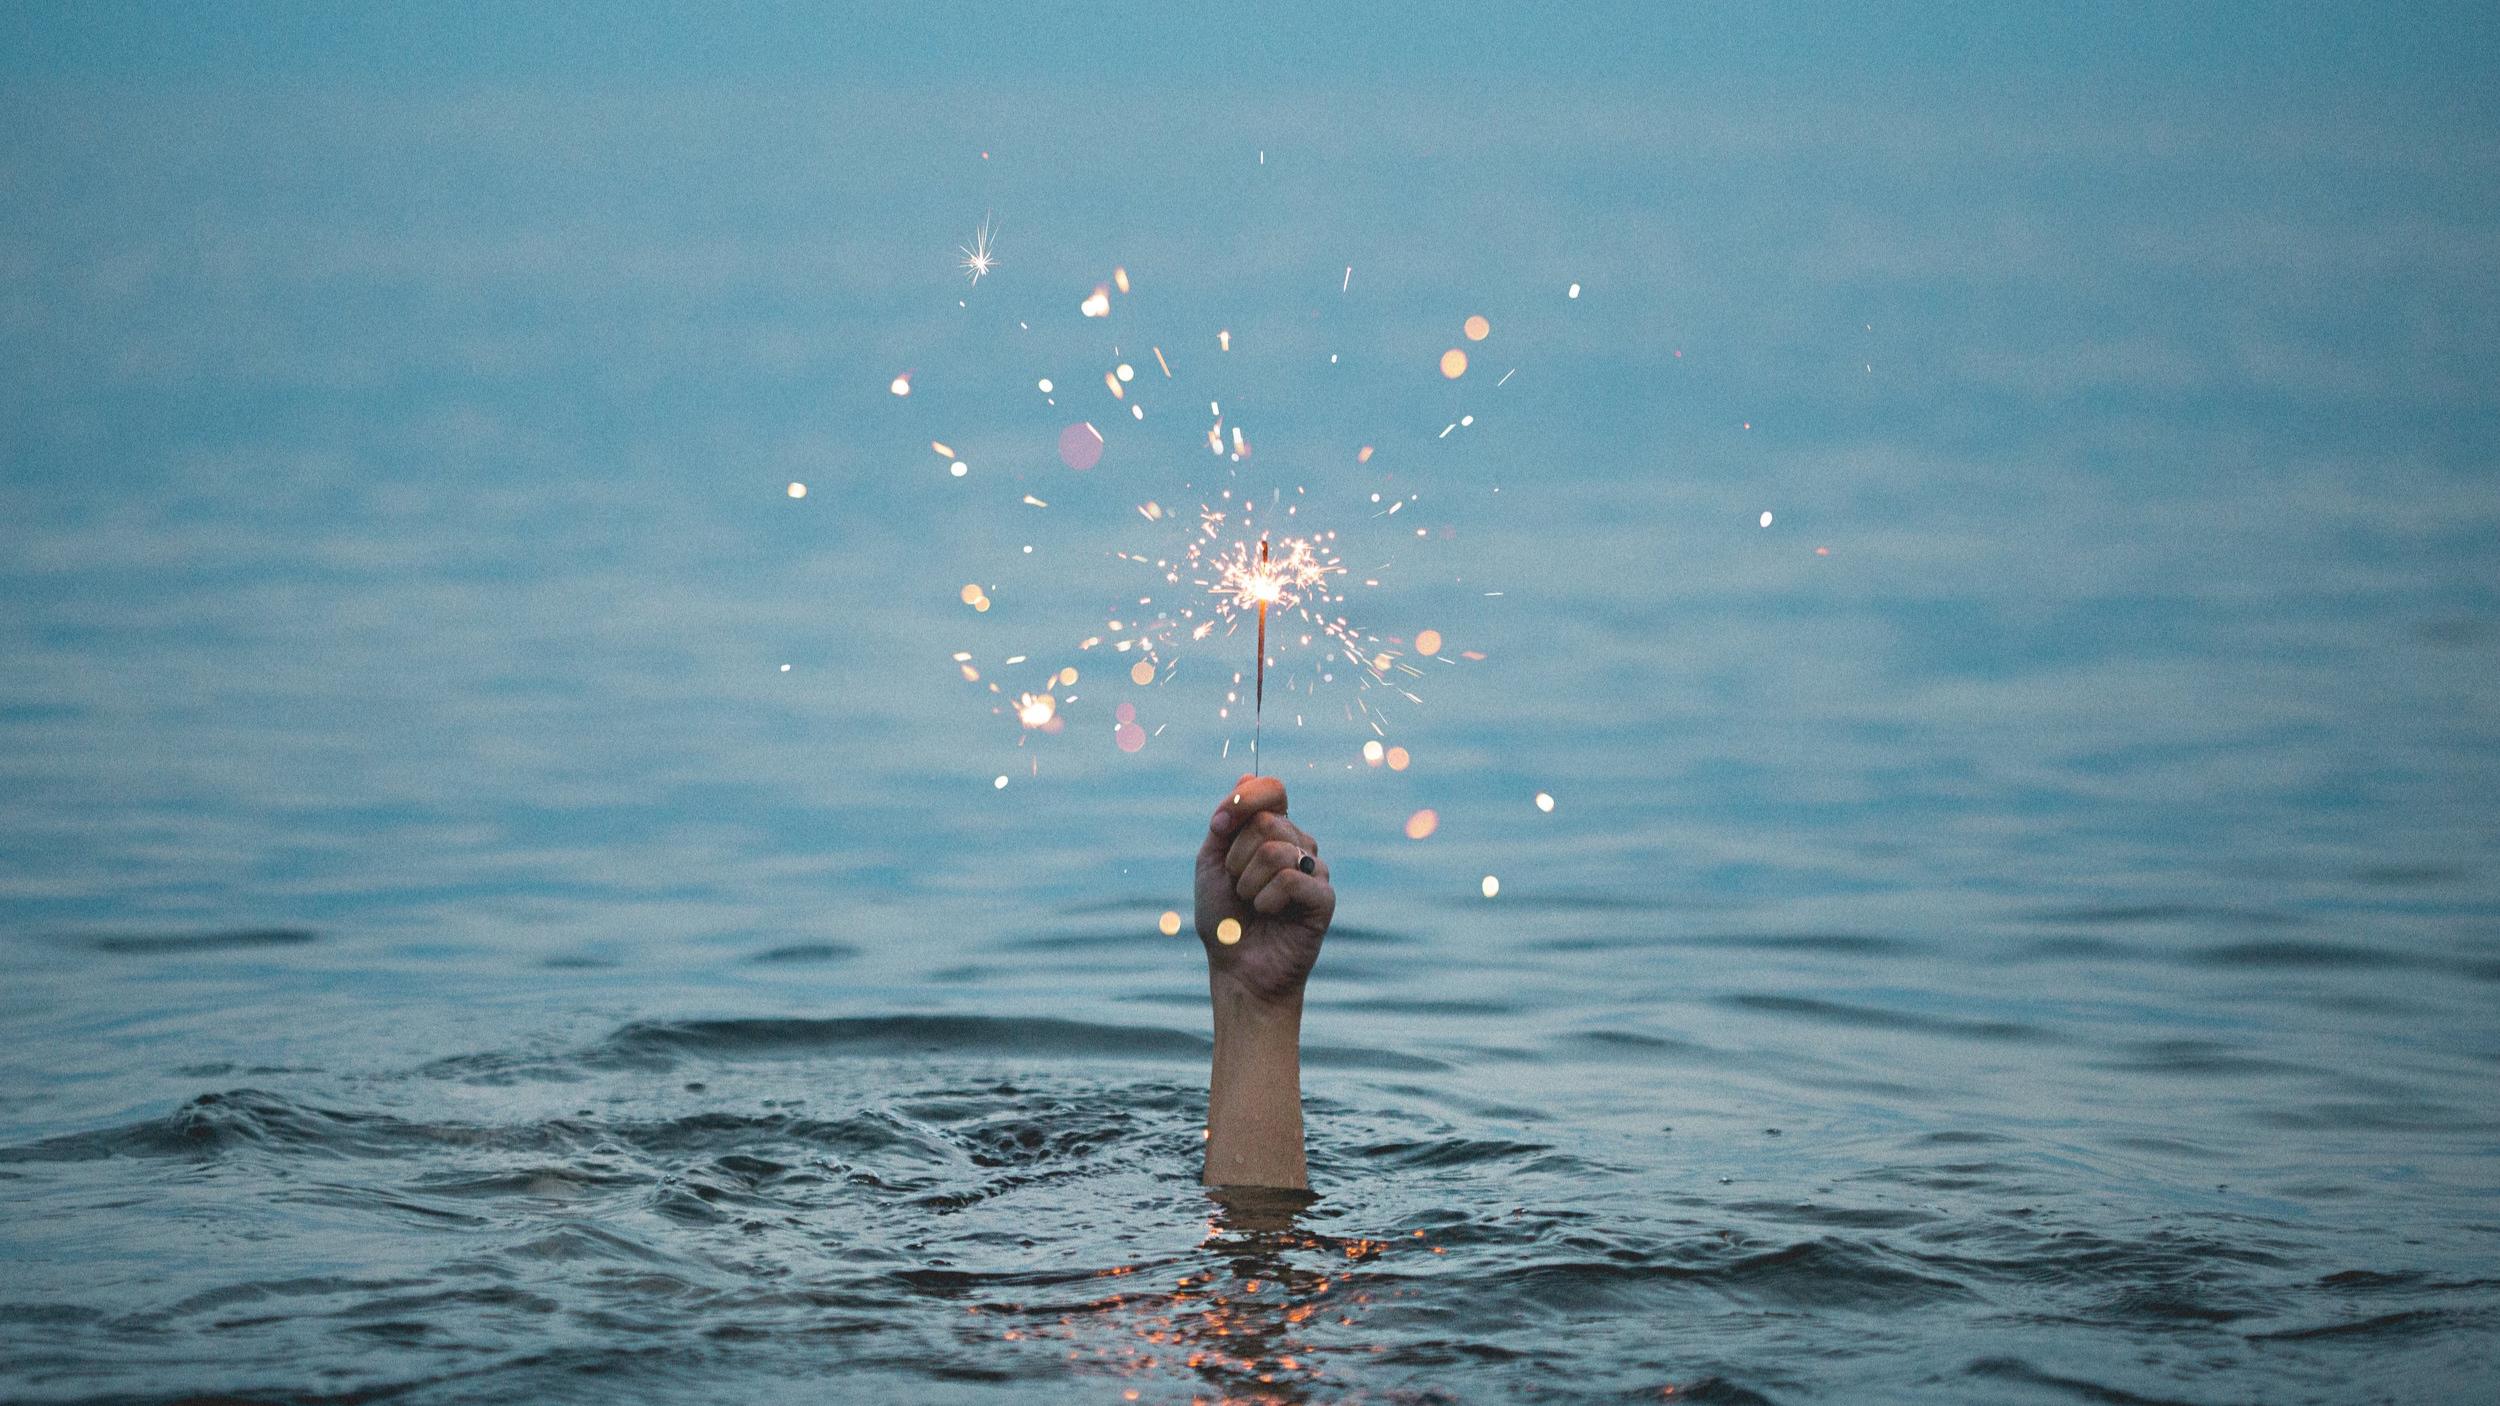 HOPE IS NOT A STRATEGY (E. JOACHIMSTHALER)